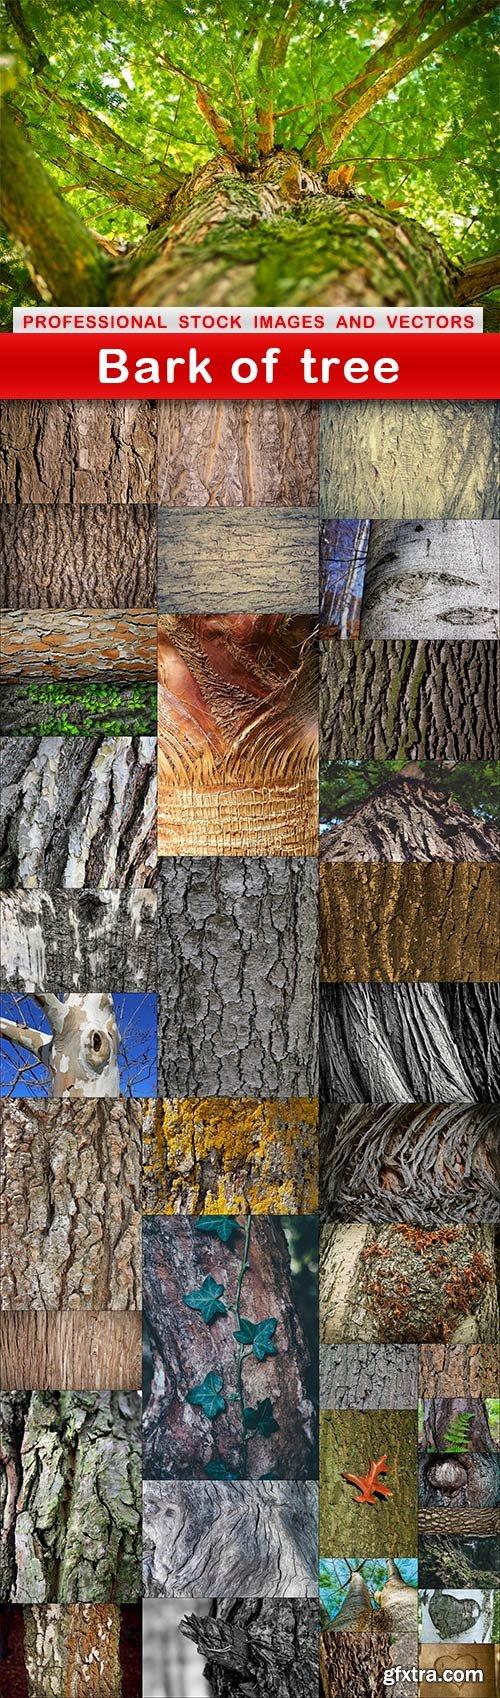 Bark of tree - 39 UHQ JPEG